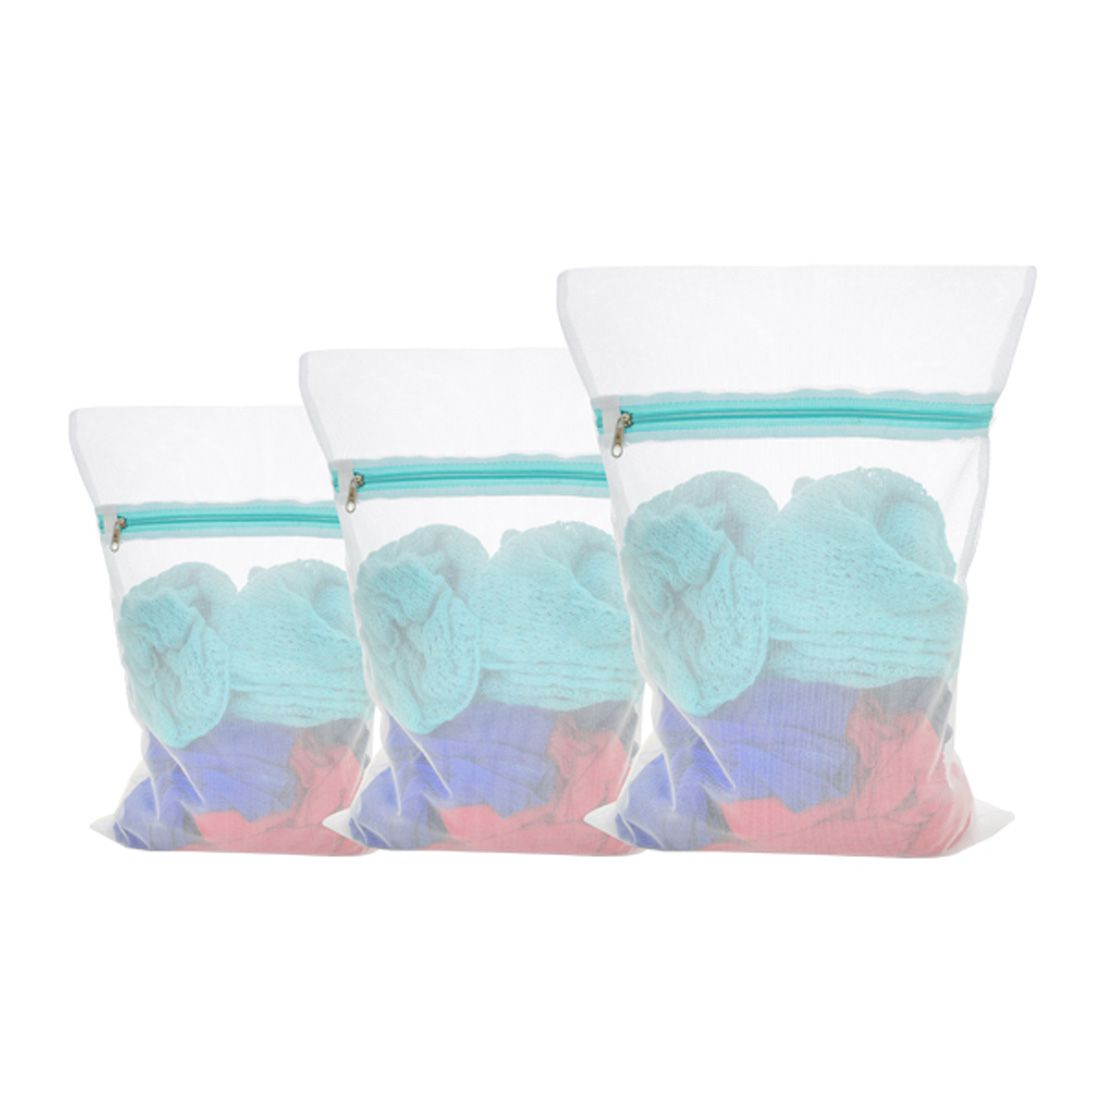 Kit de Saco para Lavar Roupa de Poliester P, M e G Secalux - 3 Peças